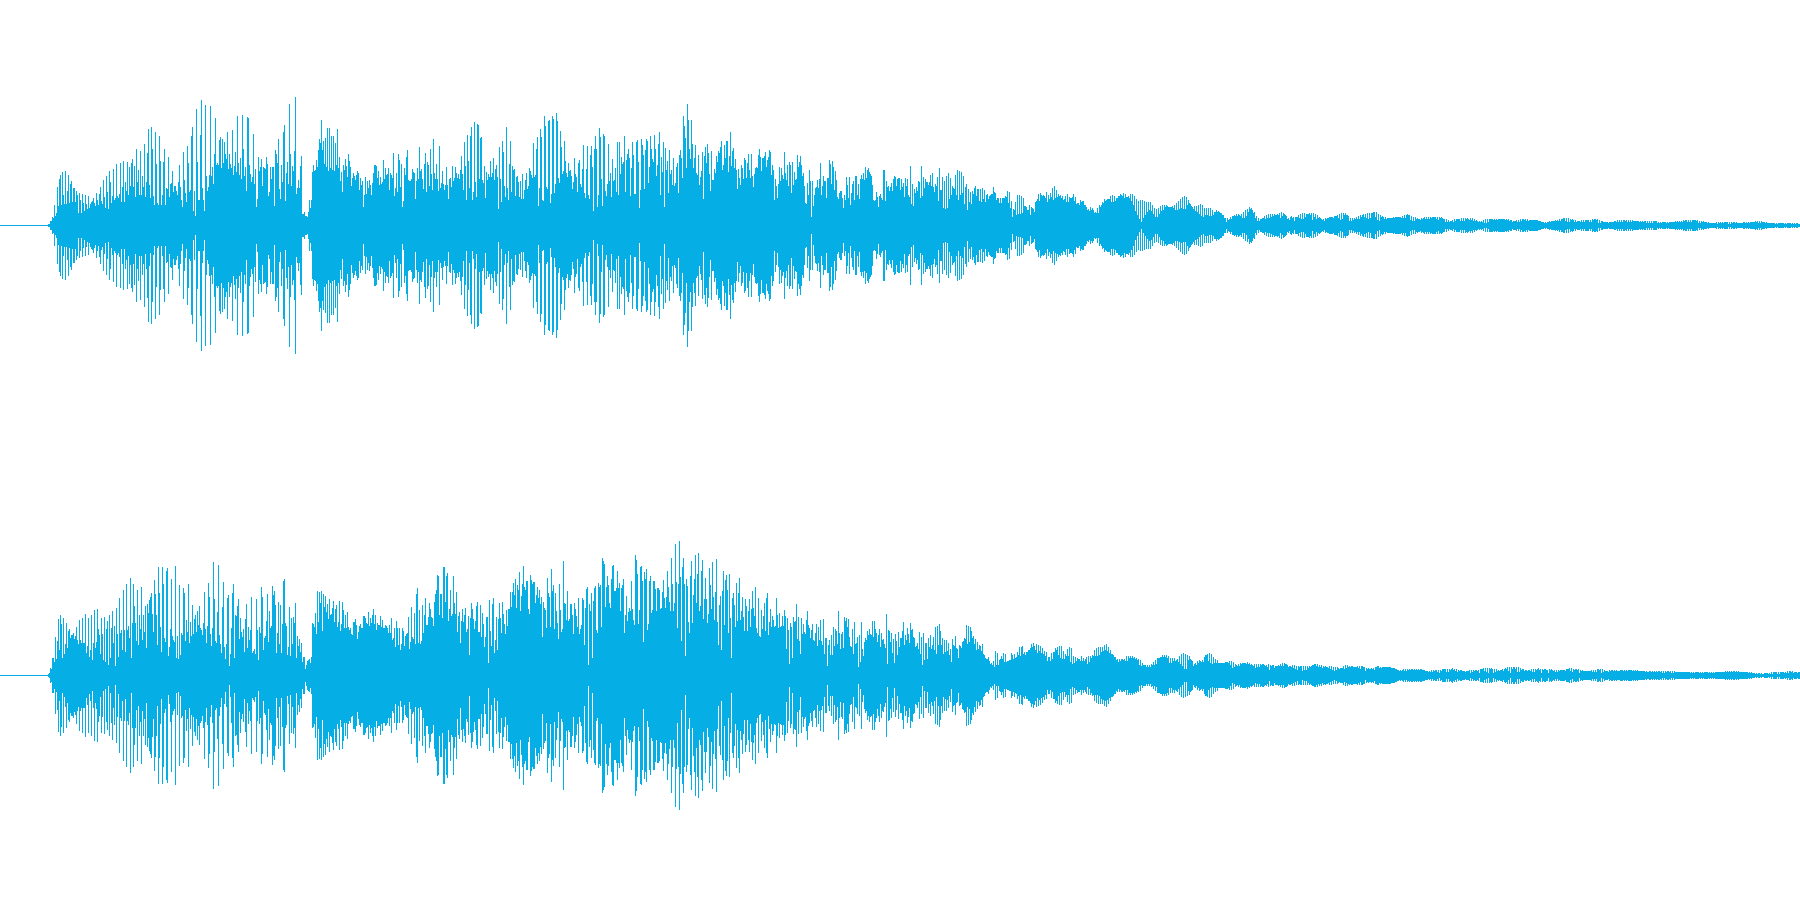 チュイーン-ワンポイント電子音の再生済みの波形